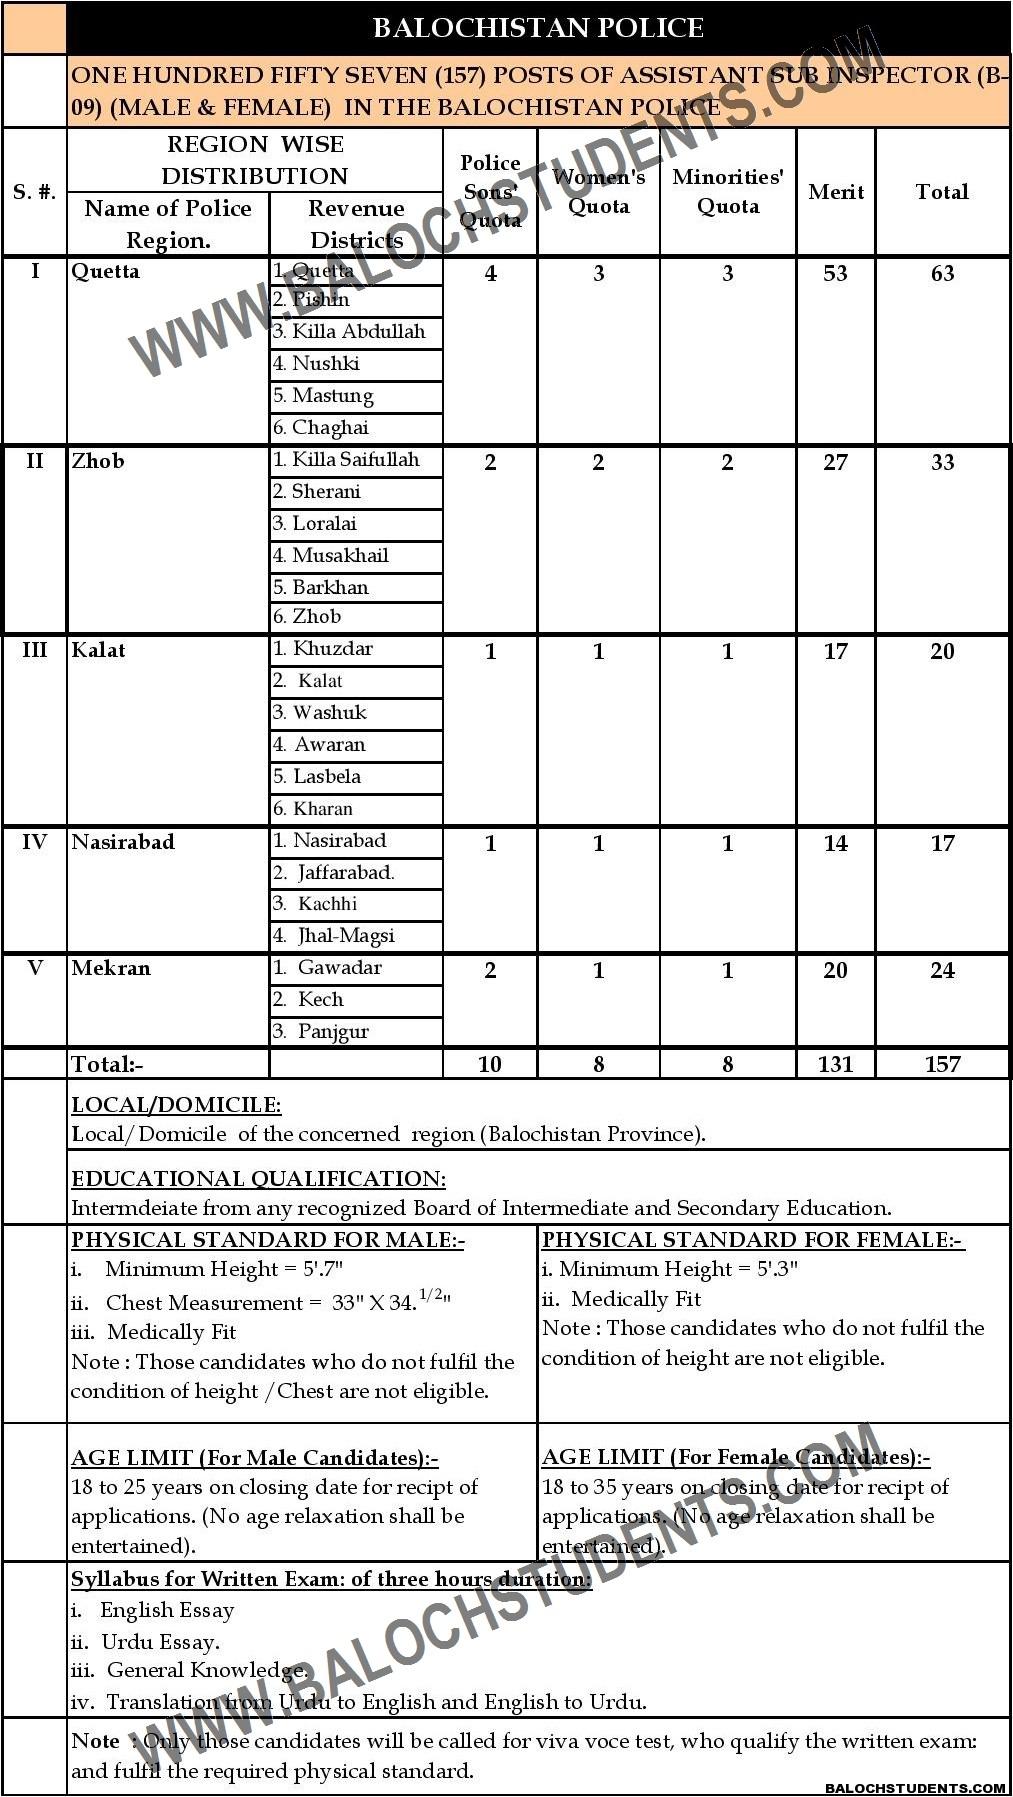 advt15-15-page-002